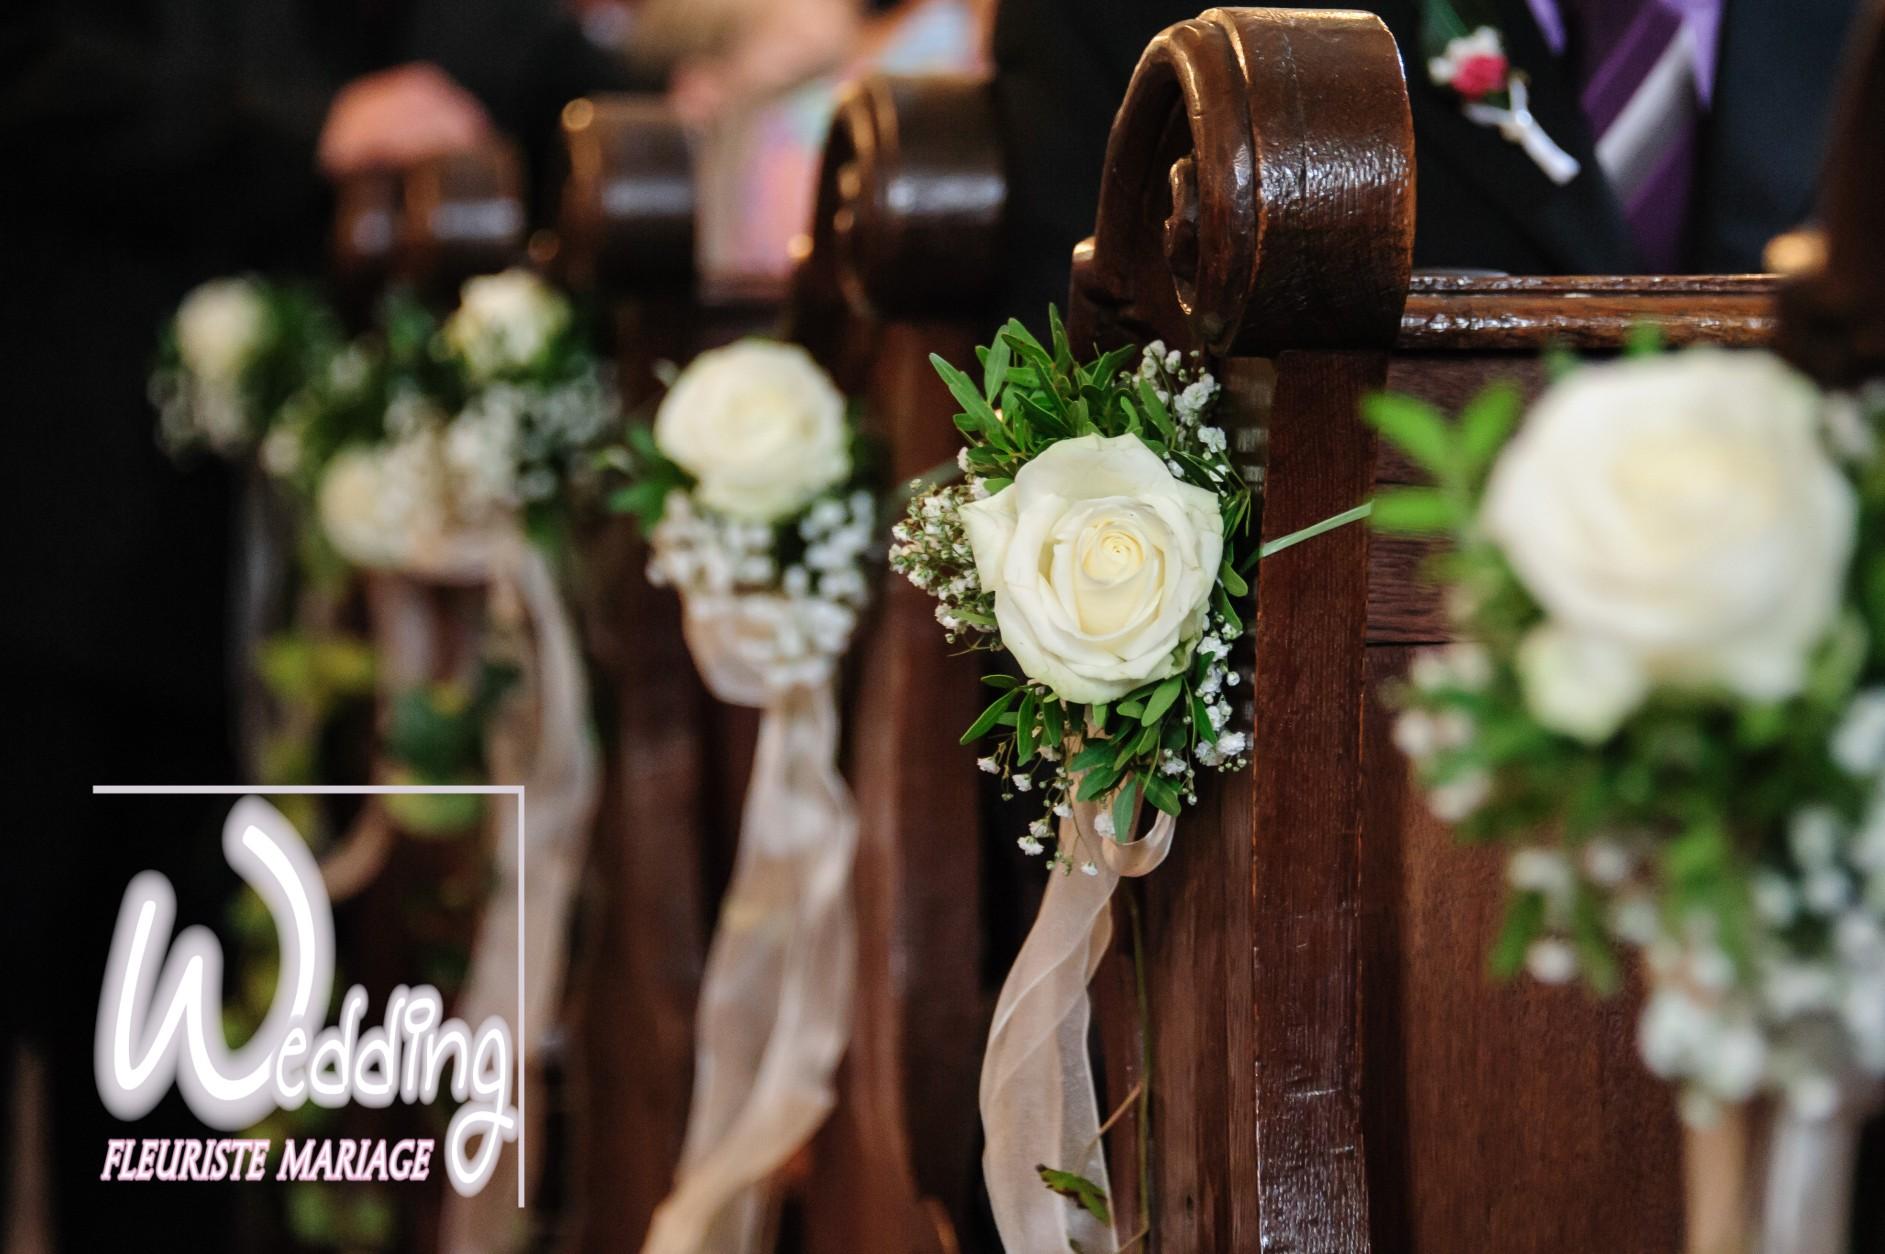 DÉCORATION FLORALE MARIAGE EGLISE DE VALLAURIS - WEDDING FLEURISTE MARIAGE VALLAURIS